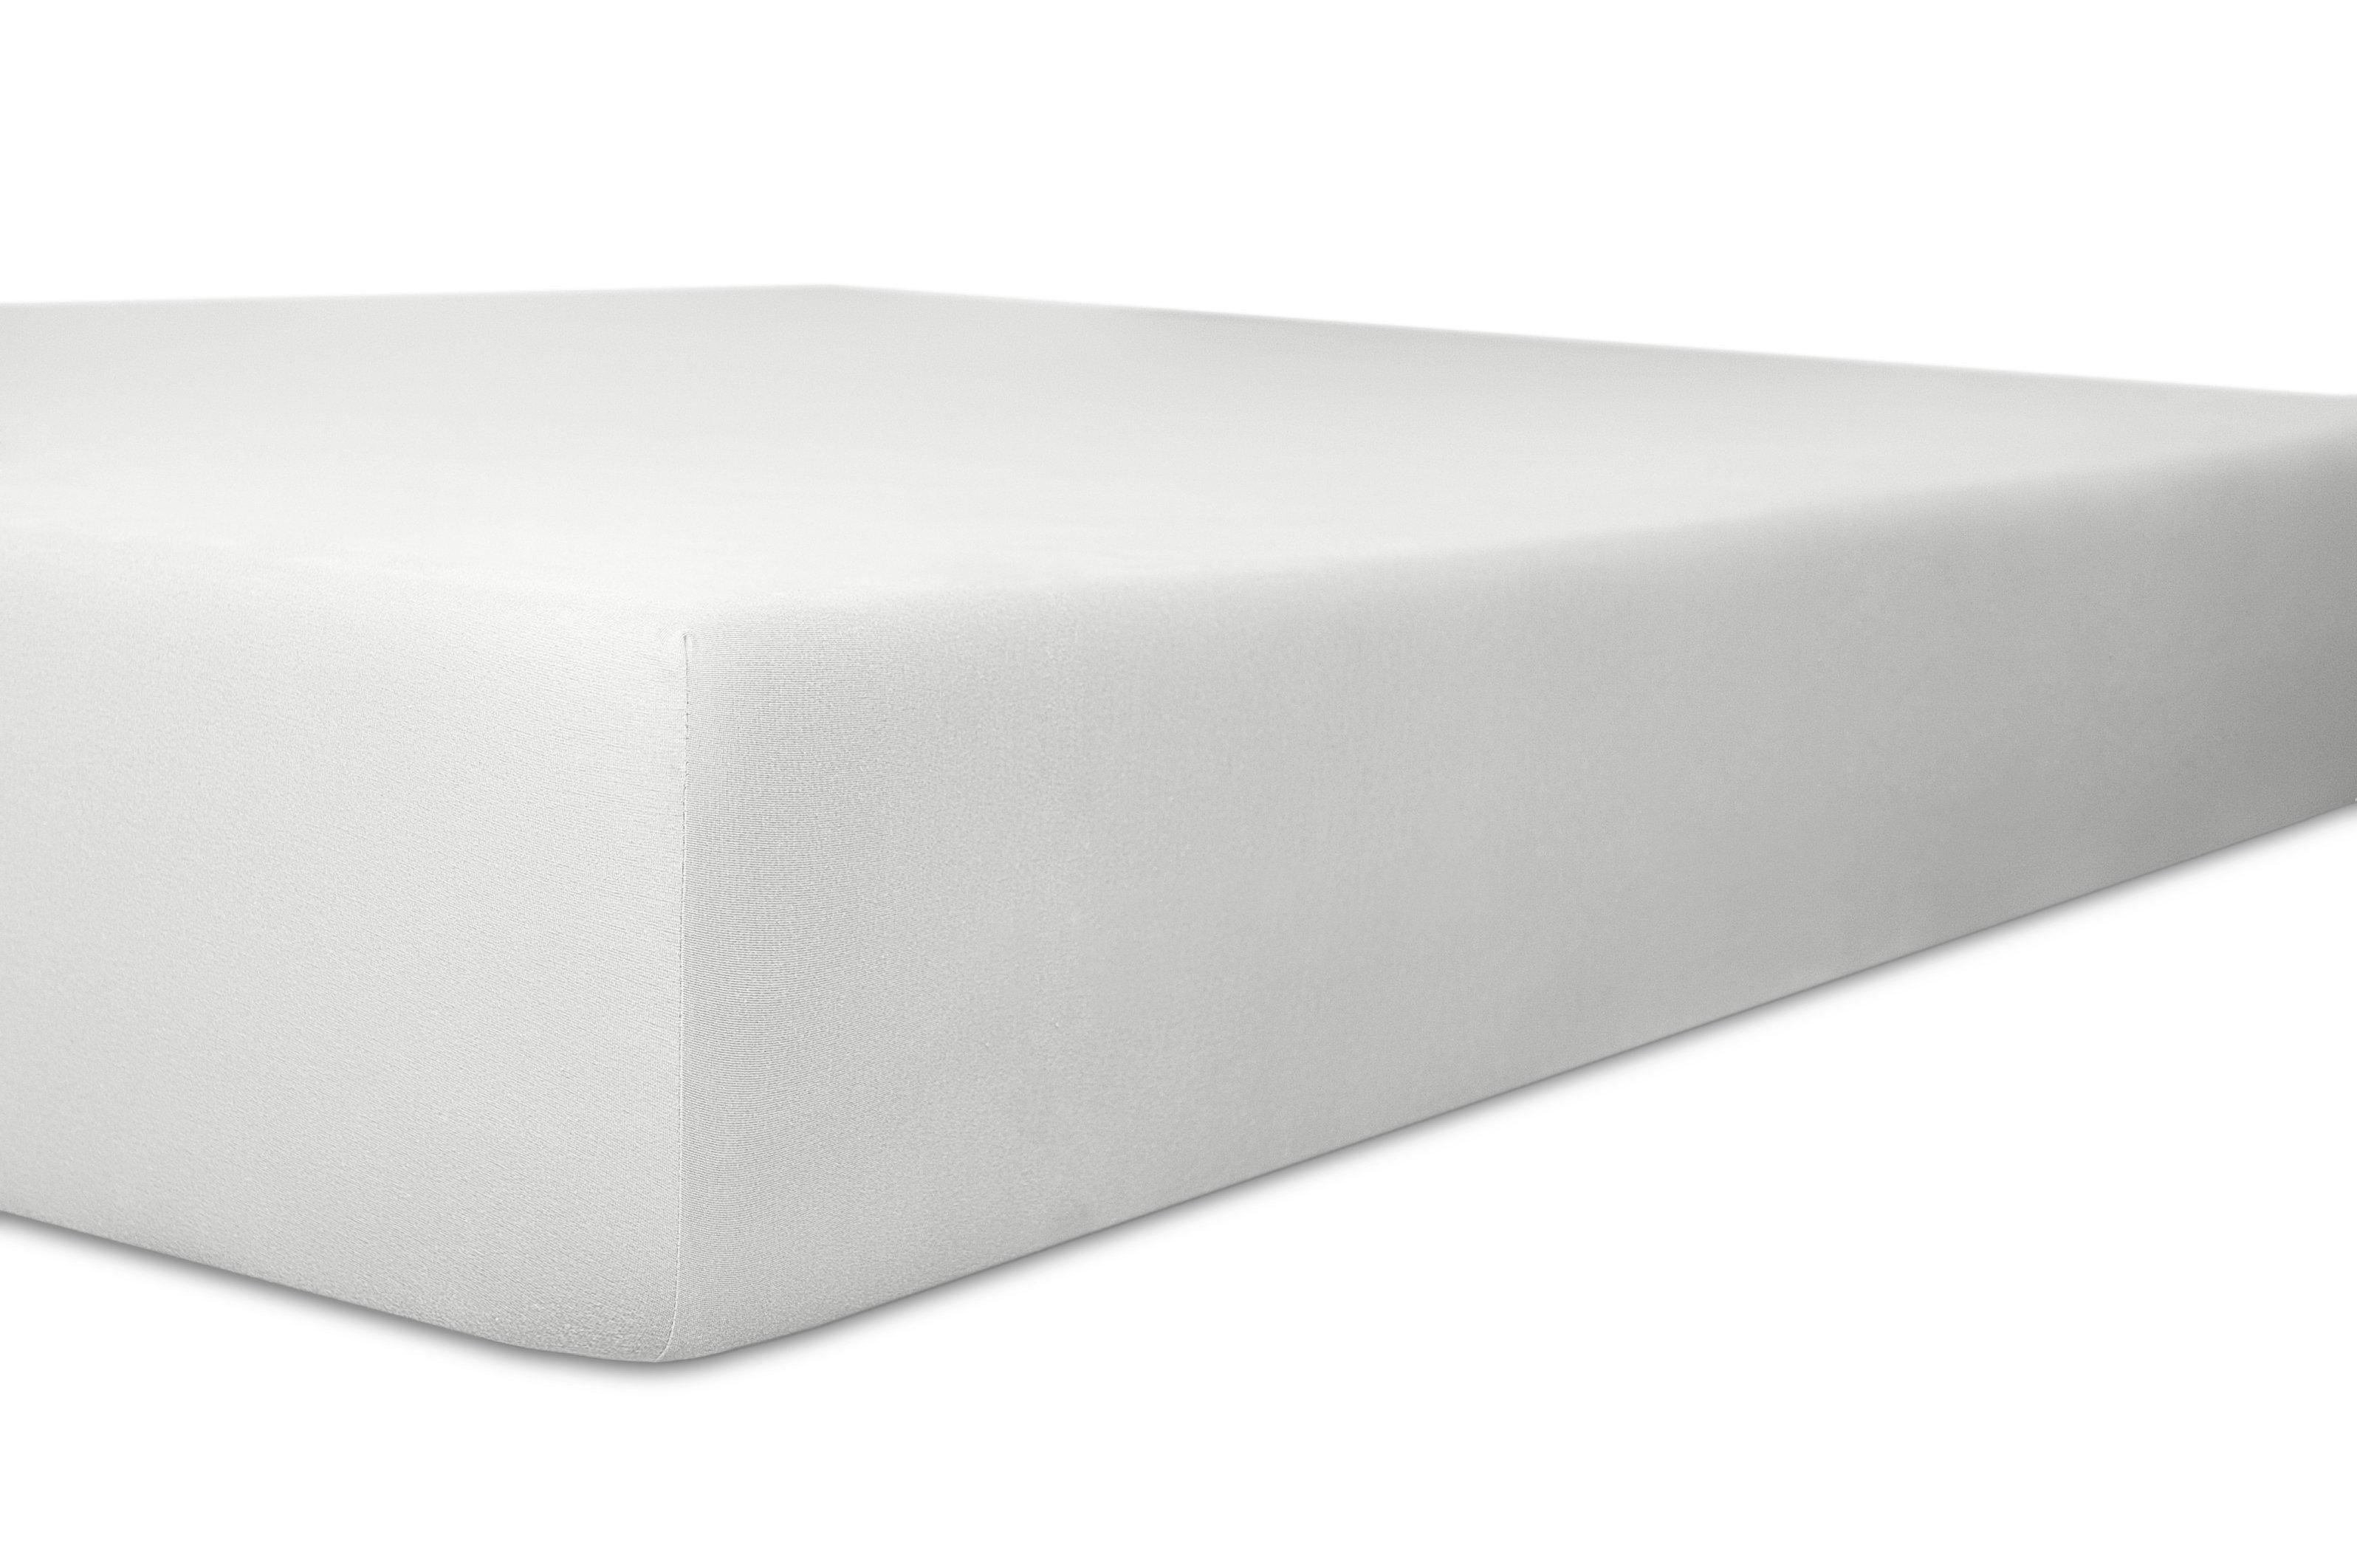 Spannbetttuch Standard weiss 50% Baumwolle / 45% Modal / 5% Elasthan